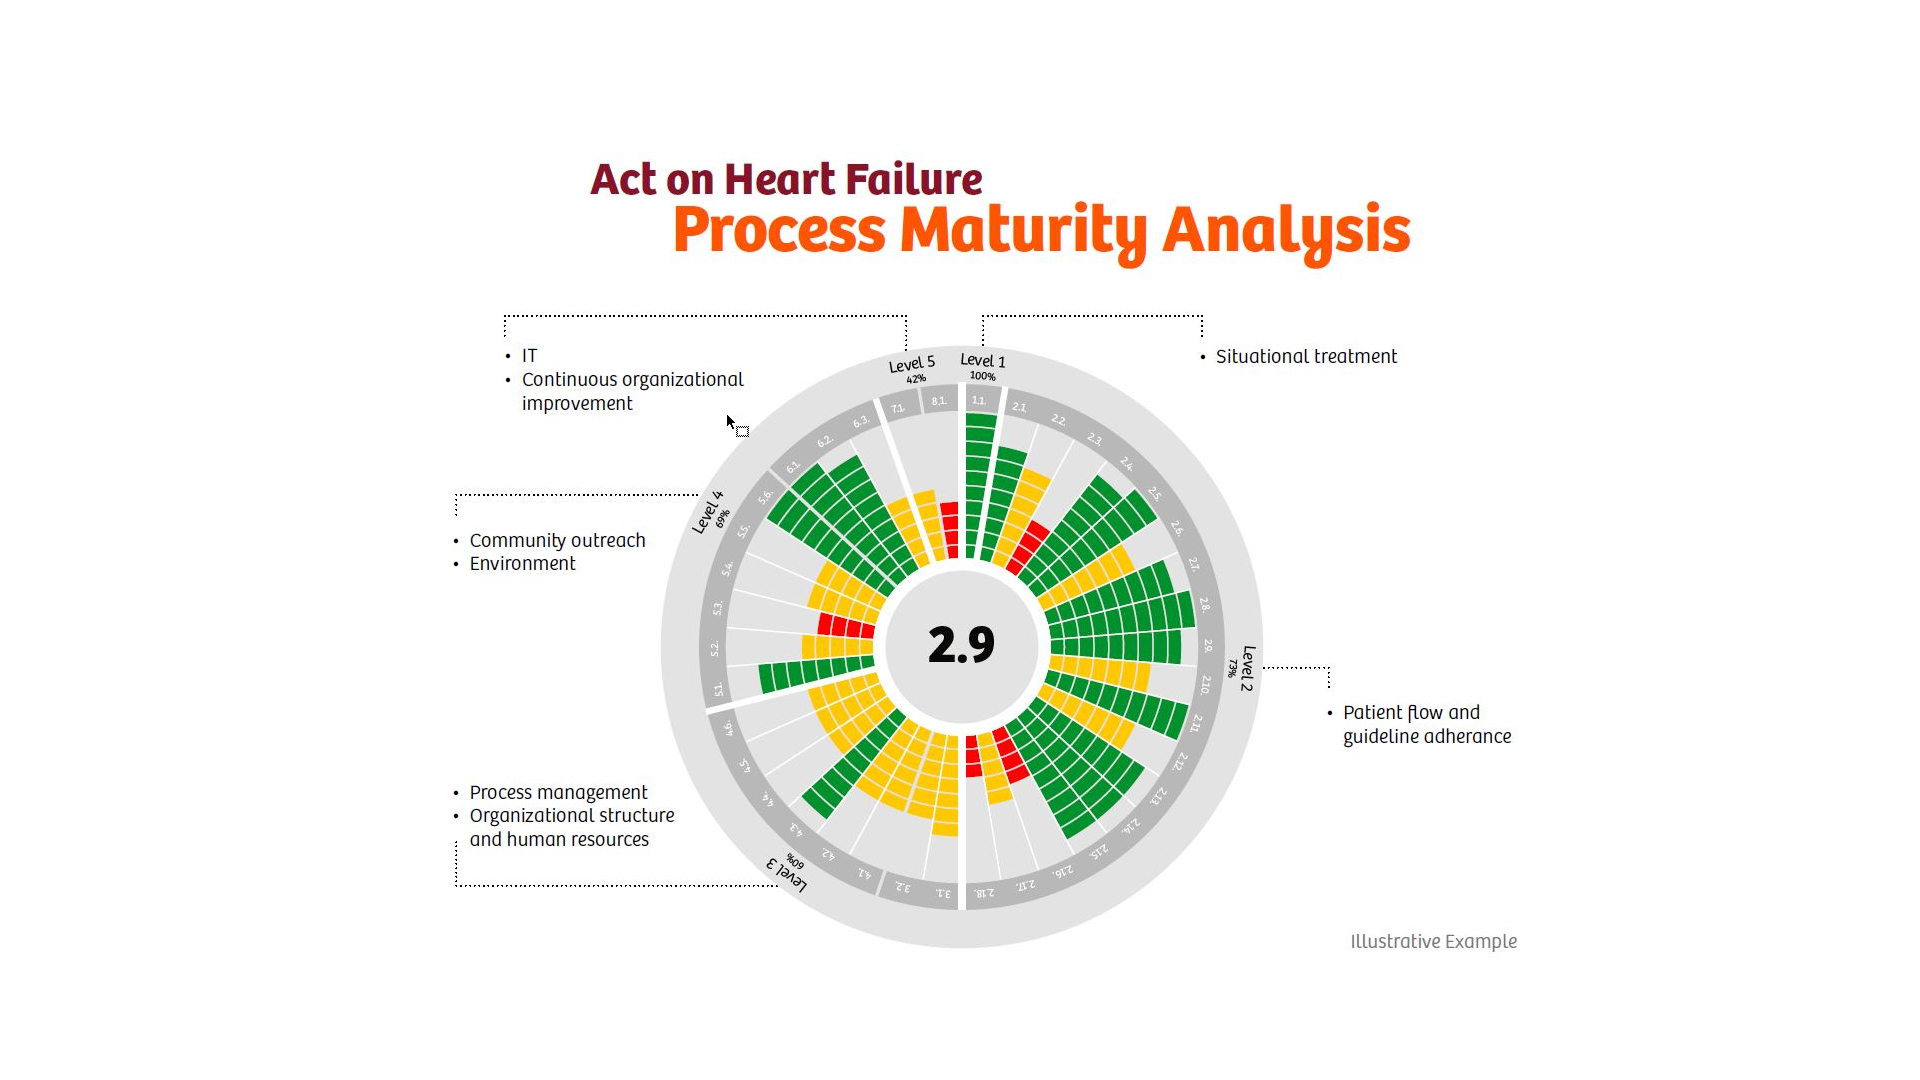 Improving Heart Failure Care